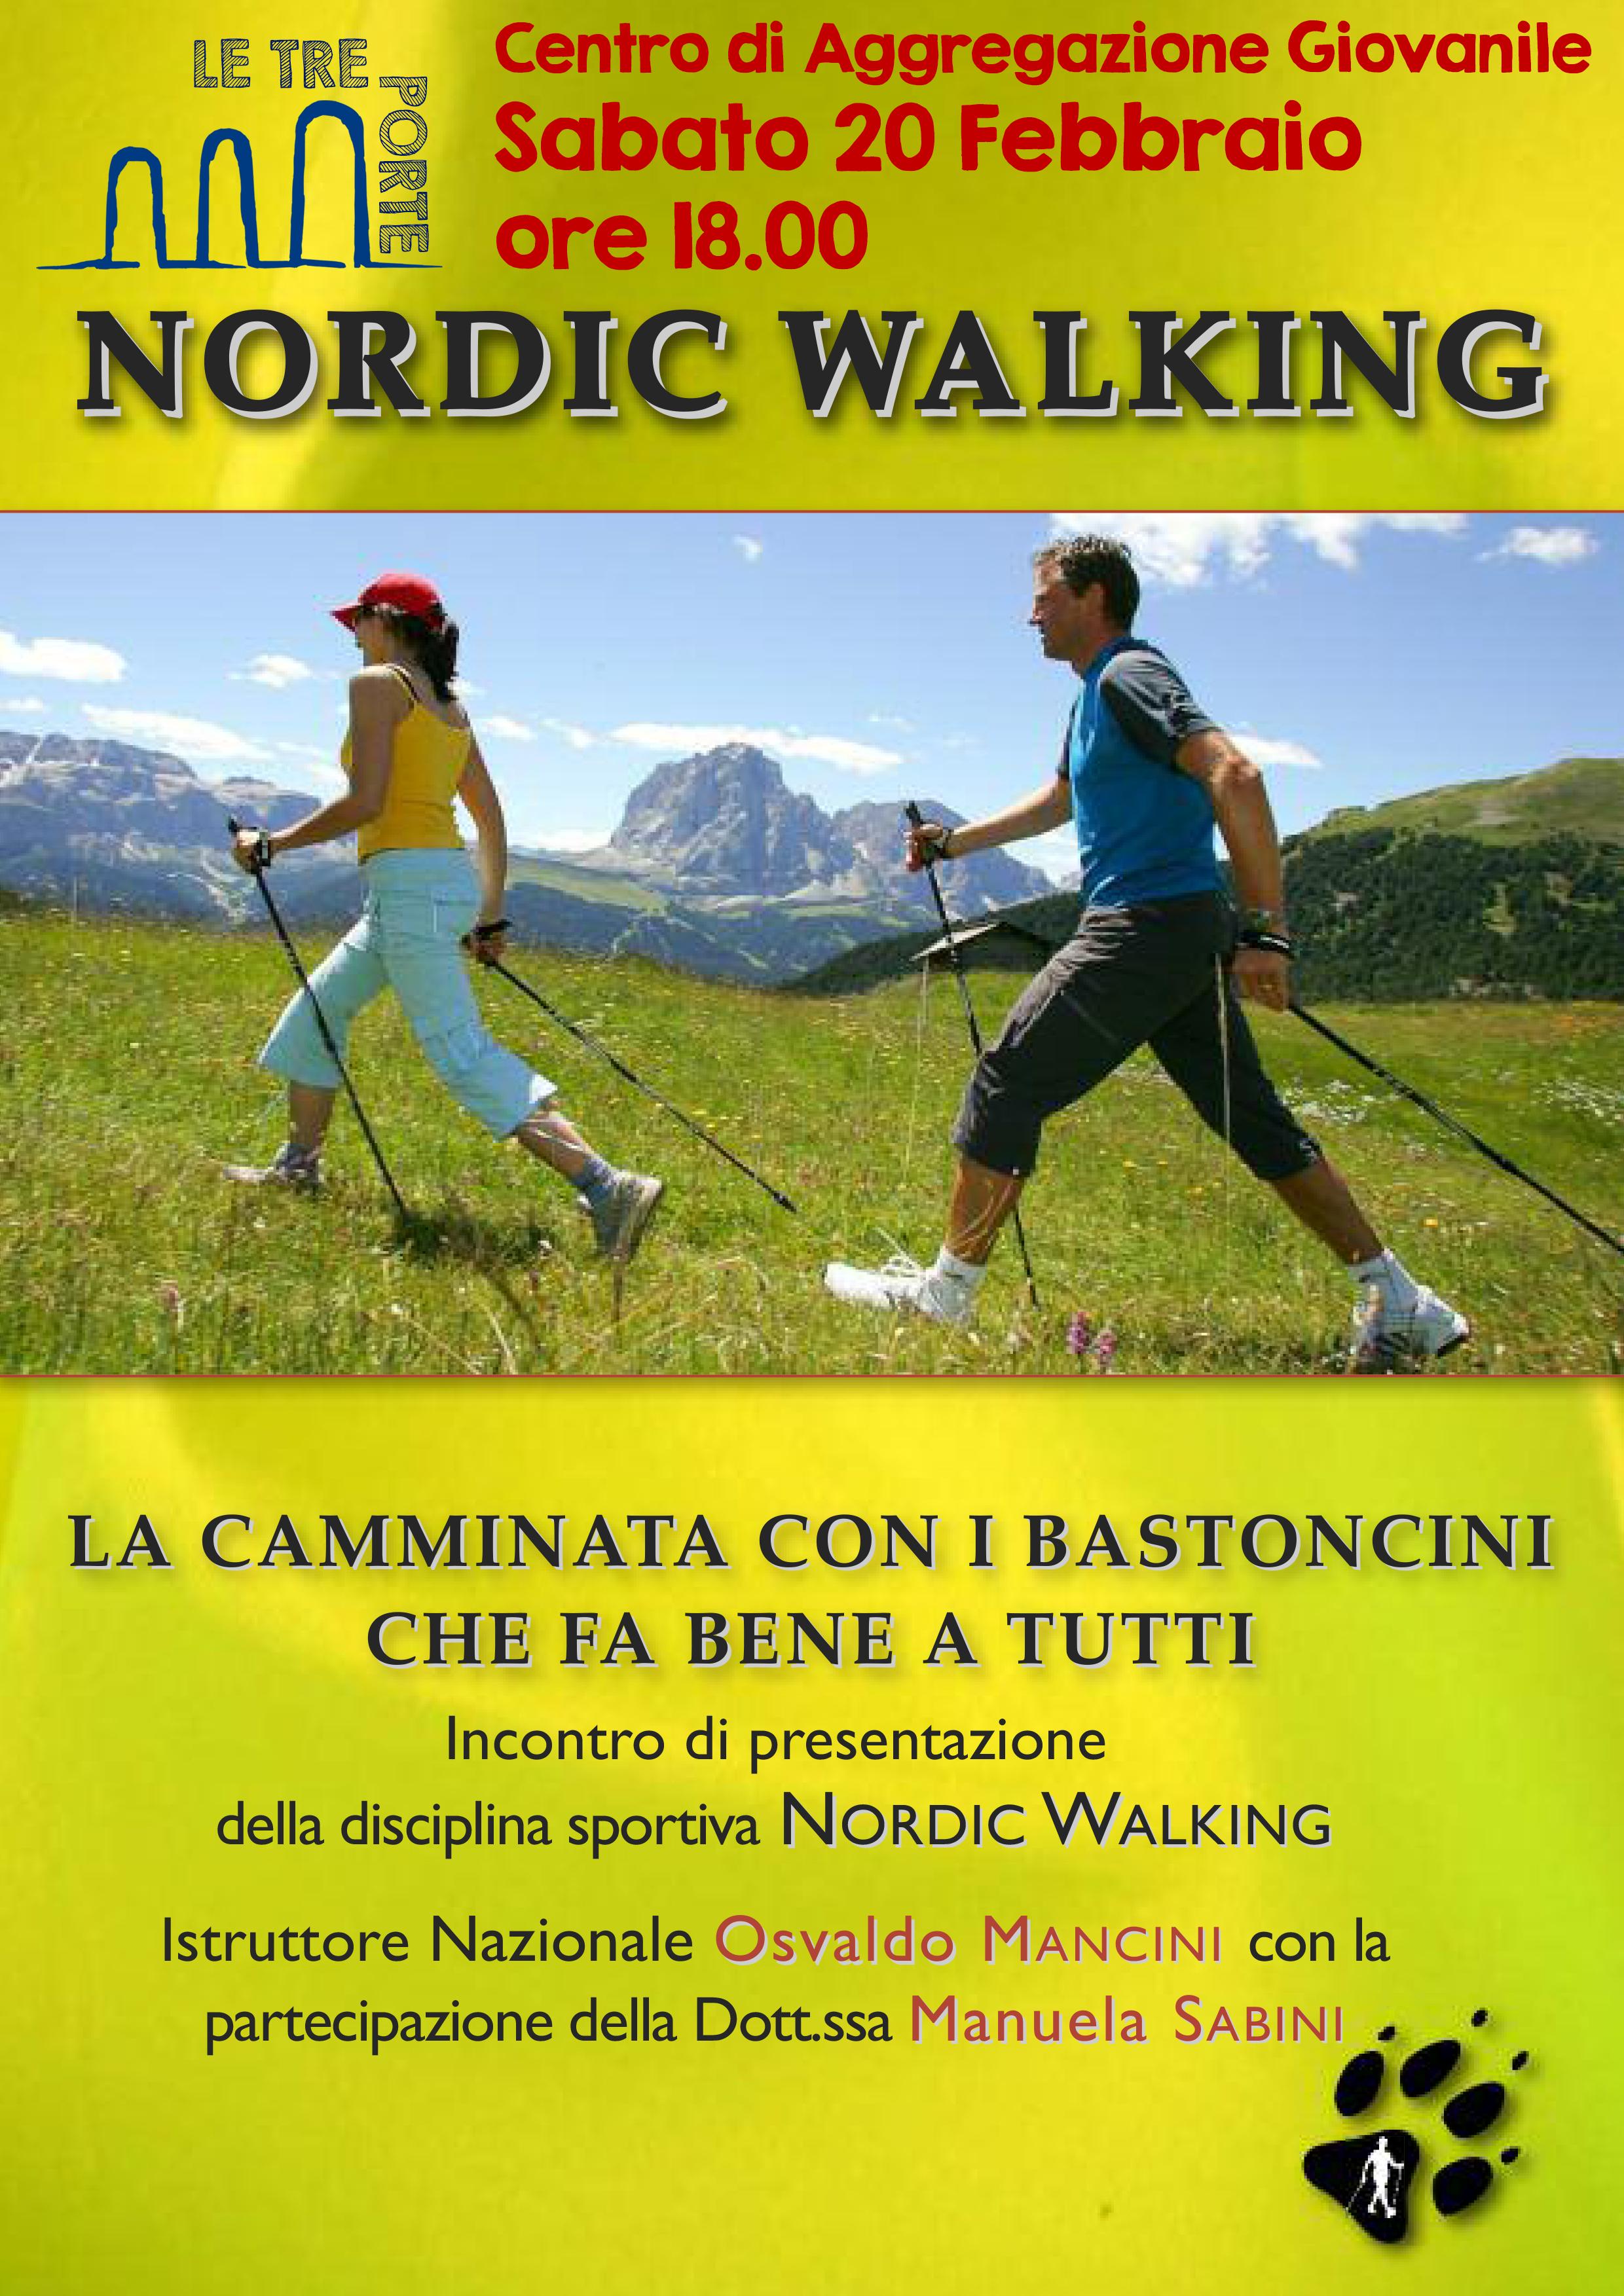 Mens sana in corpore sano – Incontro pubblico di presentazione del Nordic Walking – Sabato 20 Febbraio